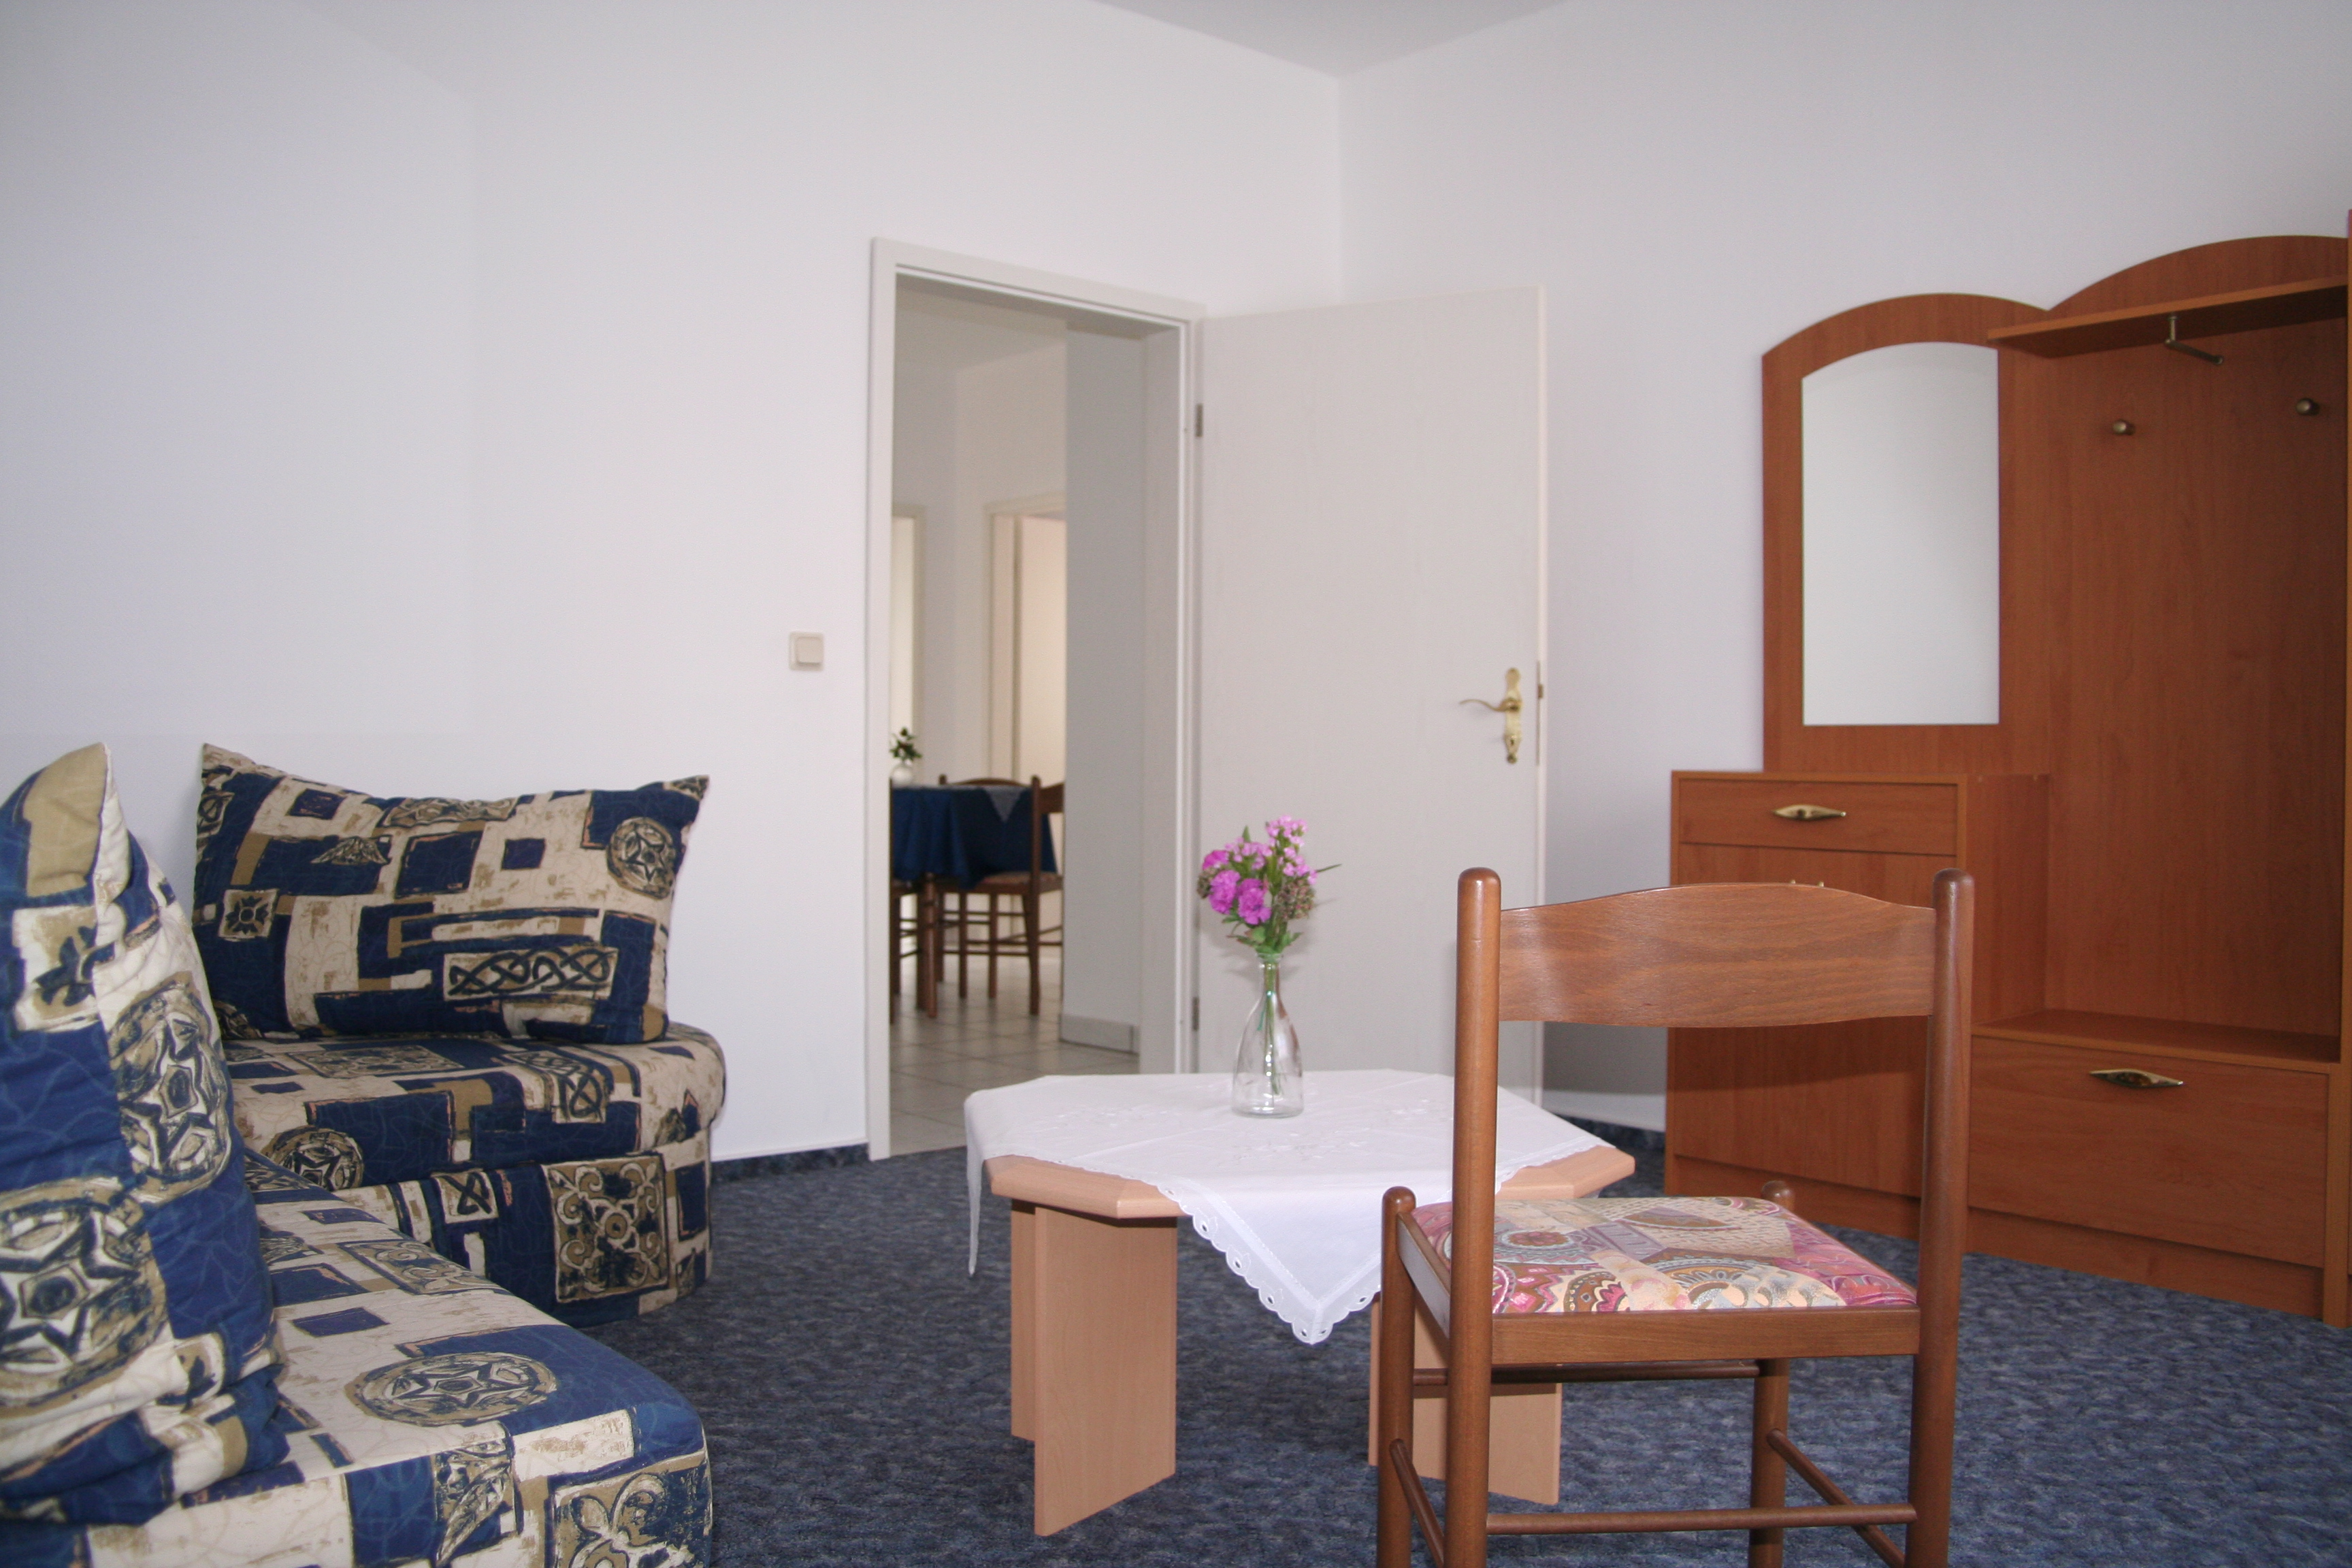 Frisch Wohn Und Schlafzimmer Ideen